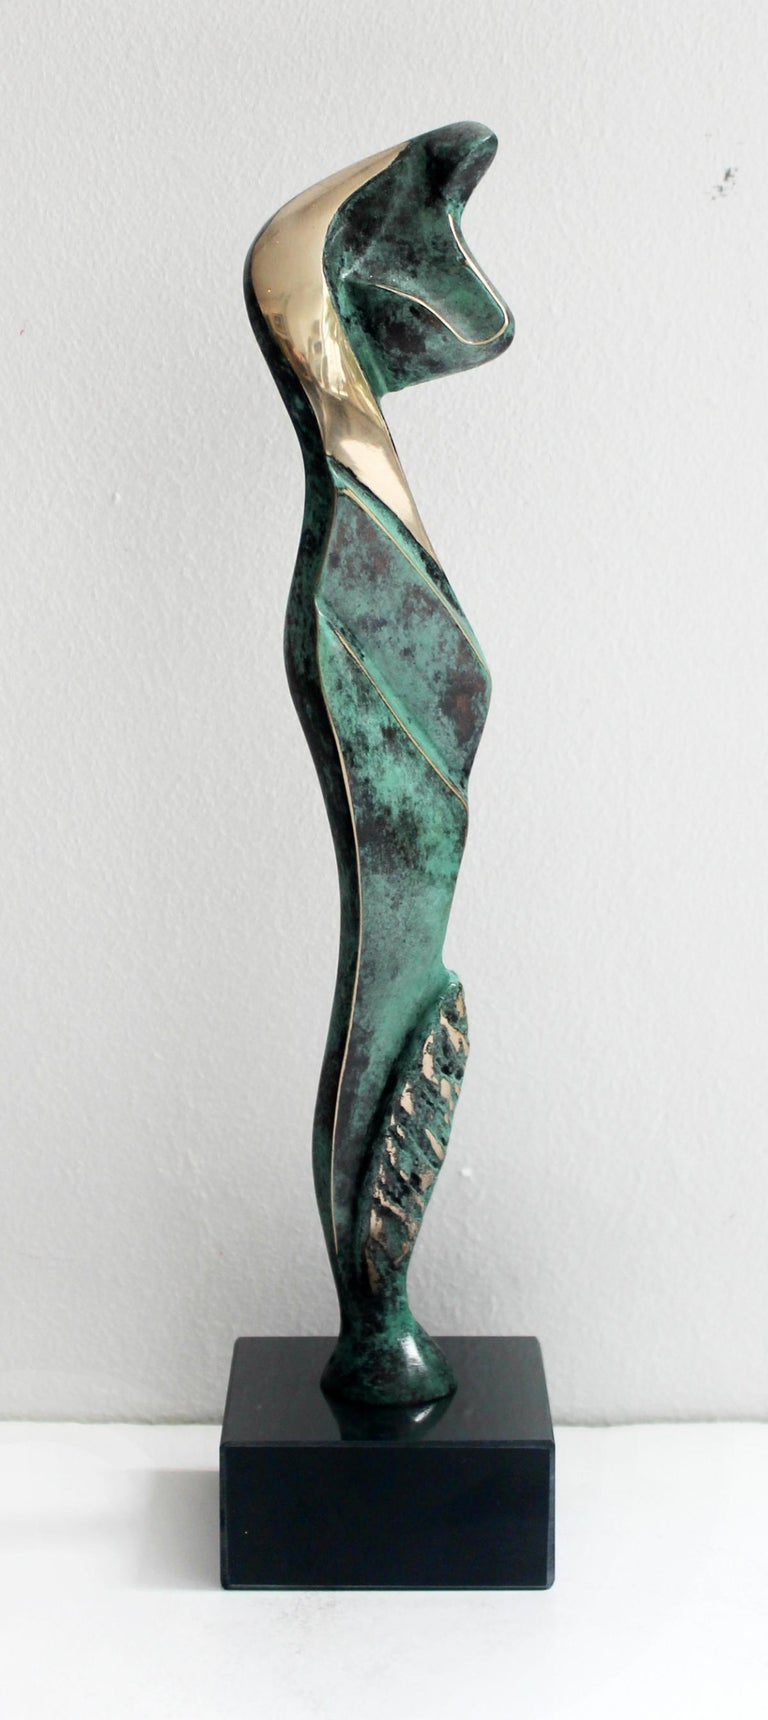 Stanisław Wysocki Figurative Sculpture - Venus IV - XXI Century, Contemporary Bronze Sculptue, Figurative, Abstraction